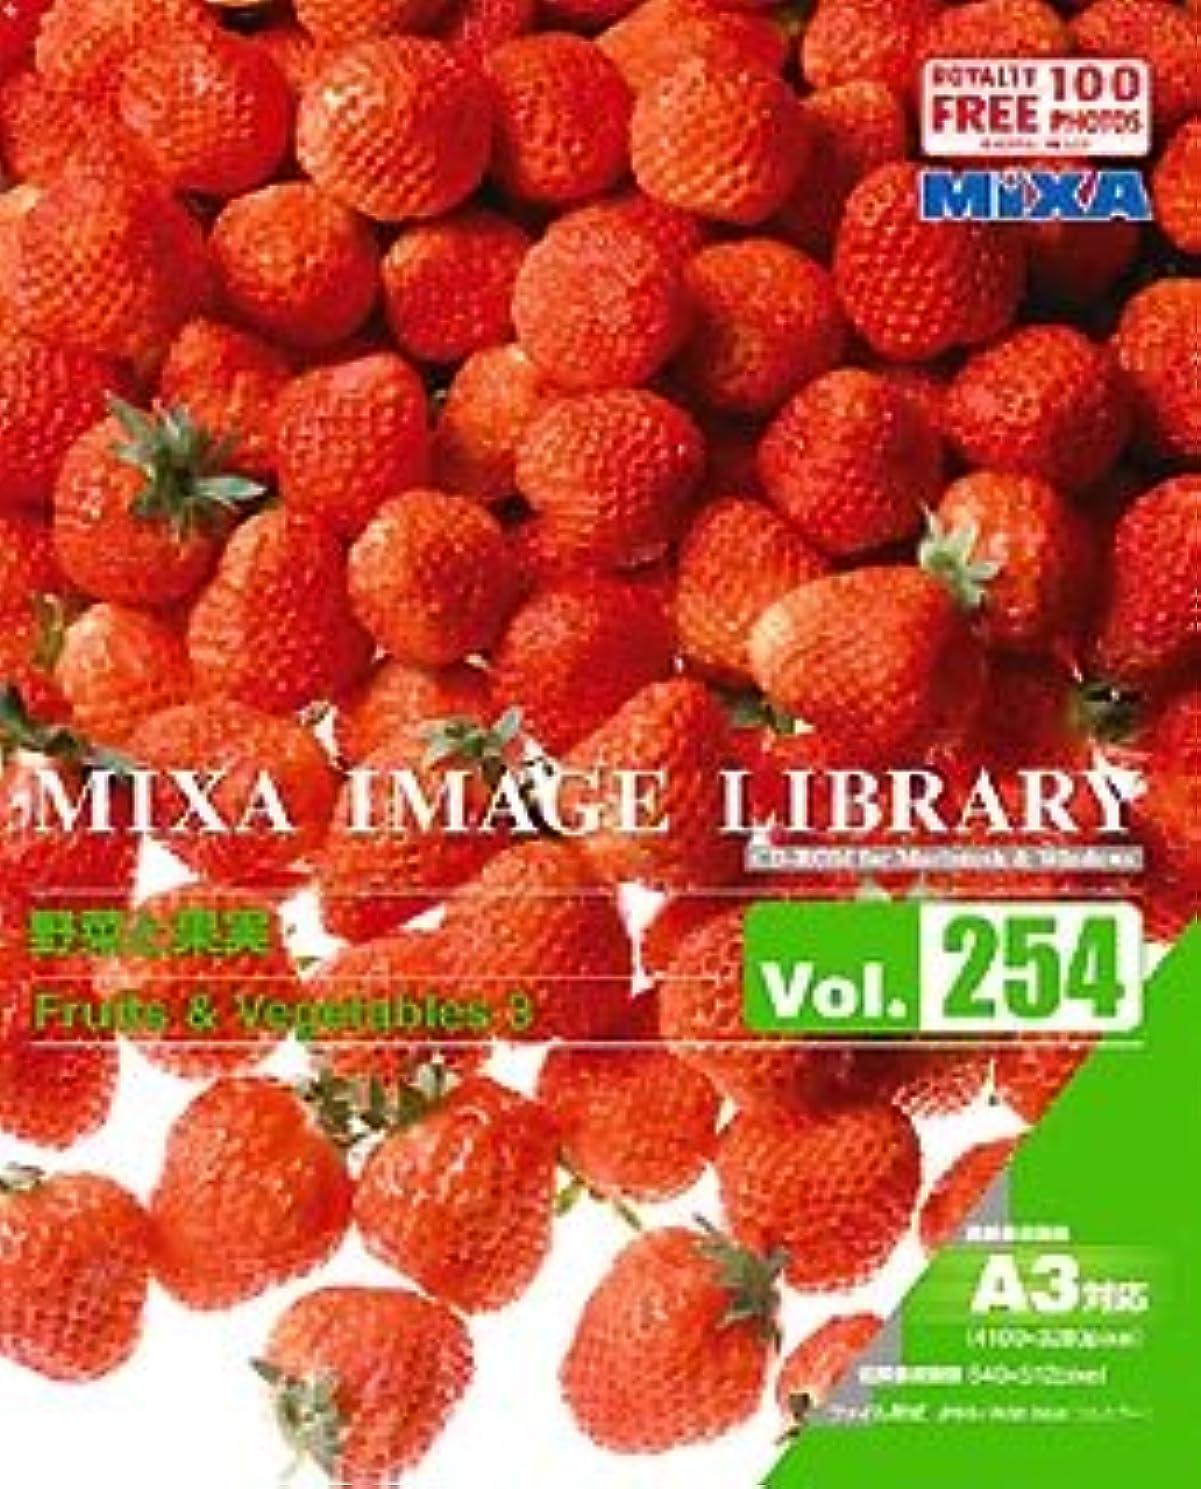 応答ずるい派生するMIXA IMAGE LIBRARY Vol.254 野菜と果実